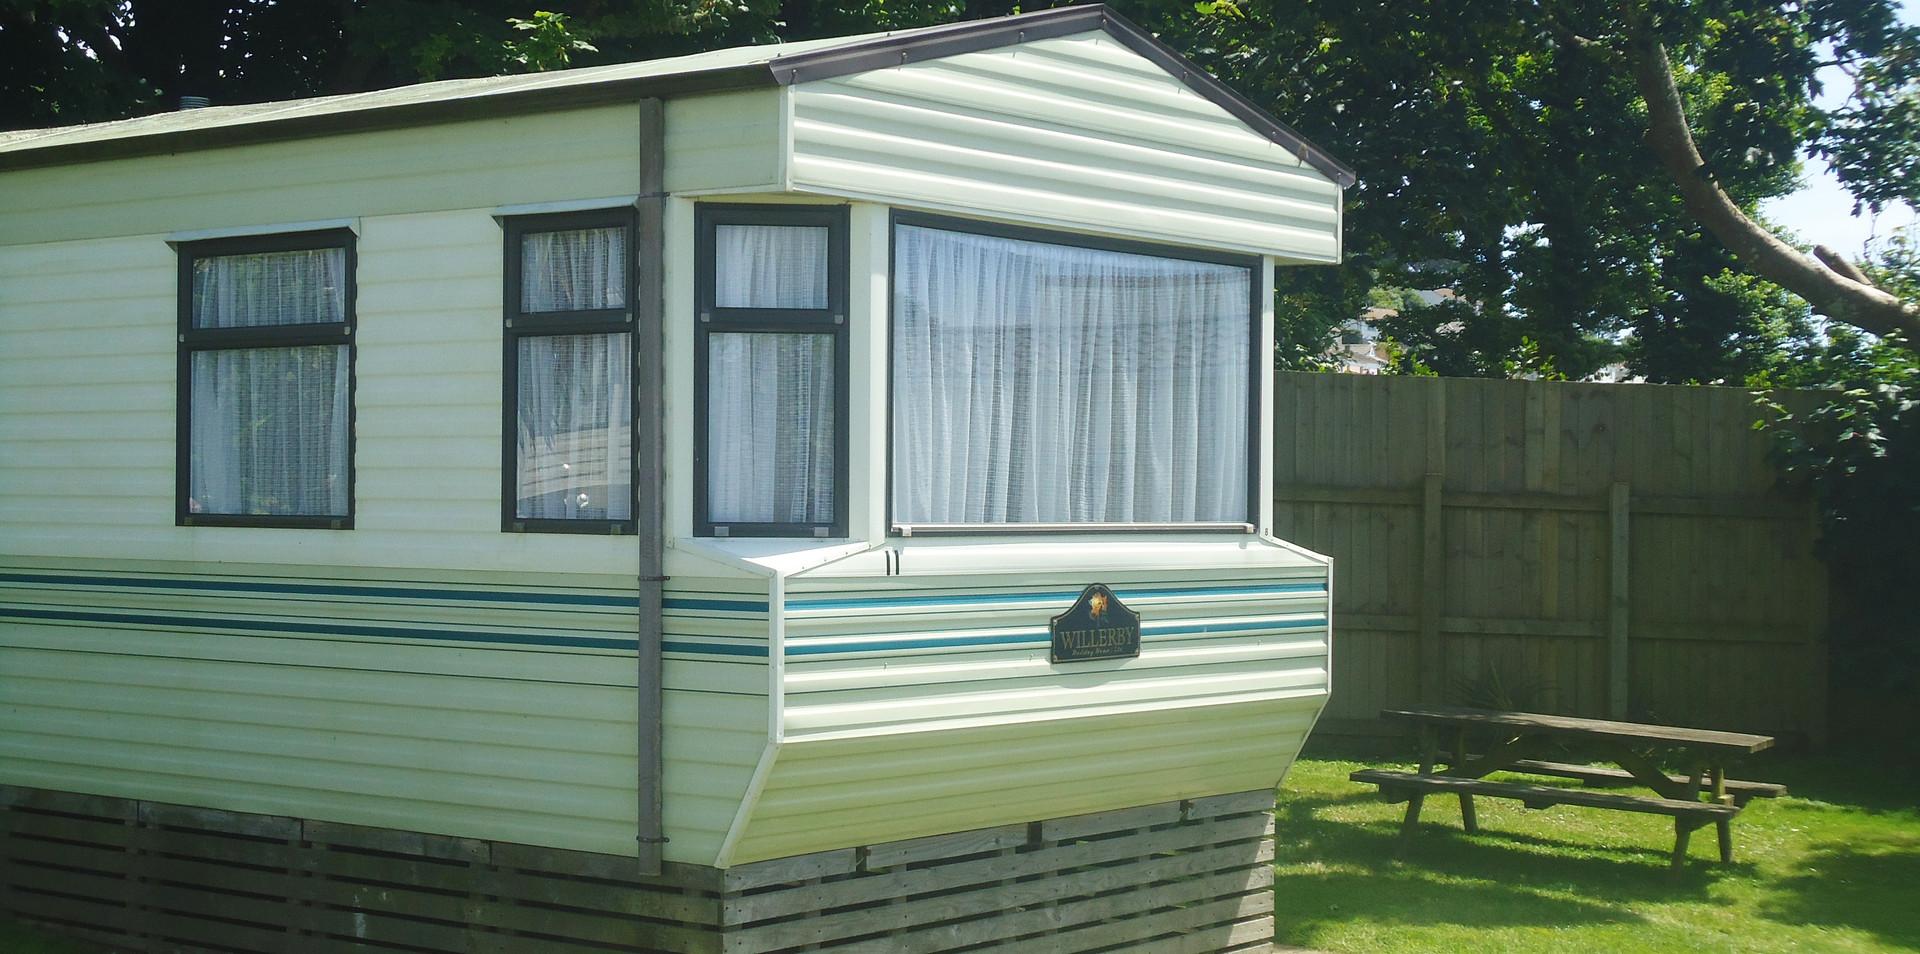 Mount's Bay Caravan Park - Willerby3